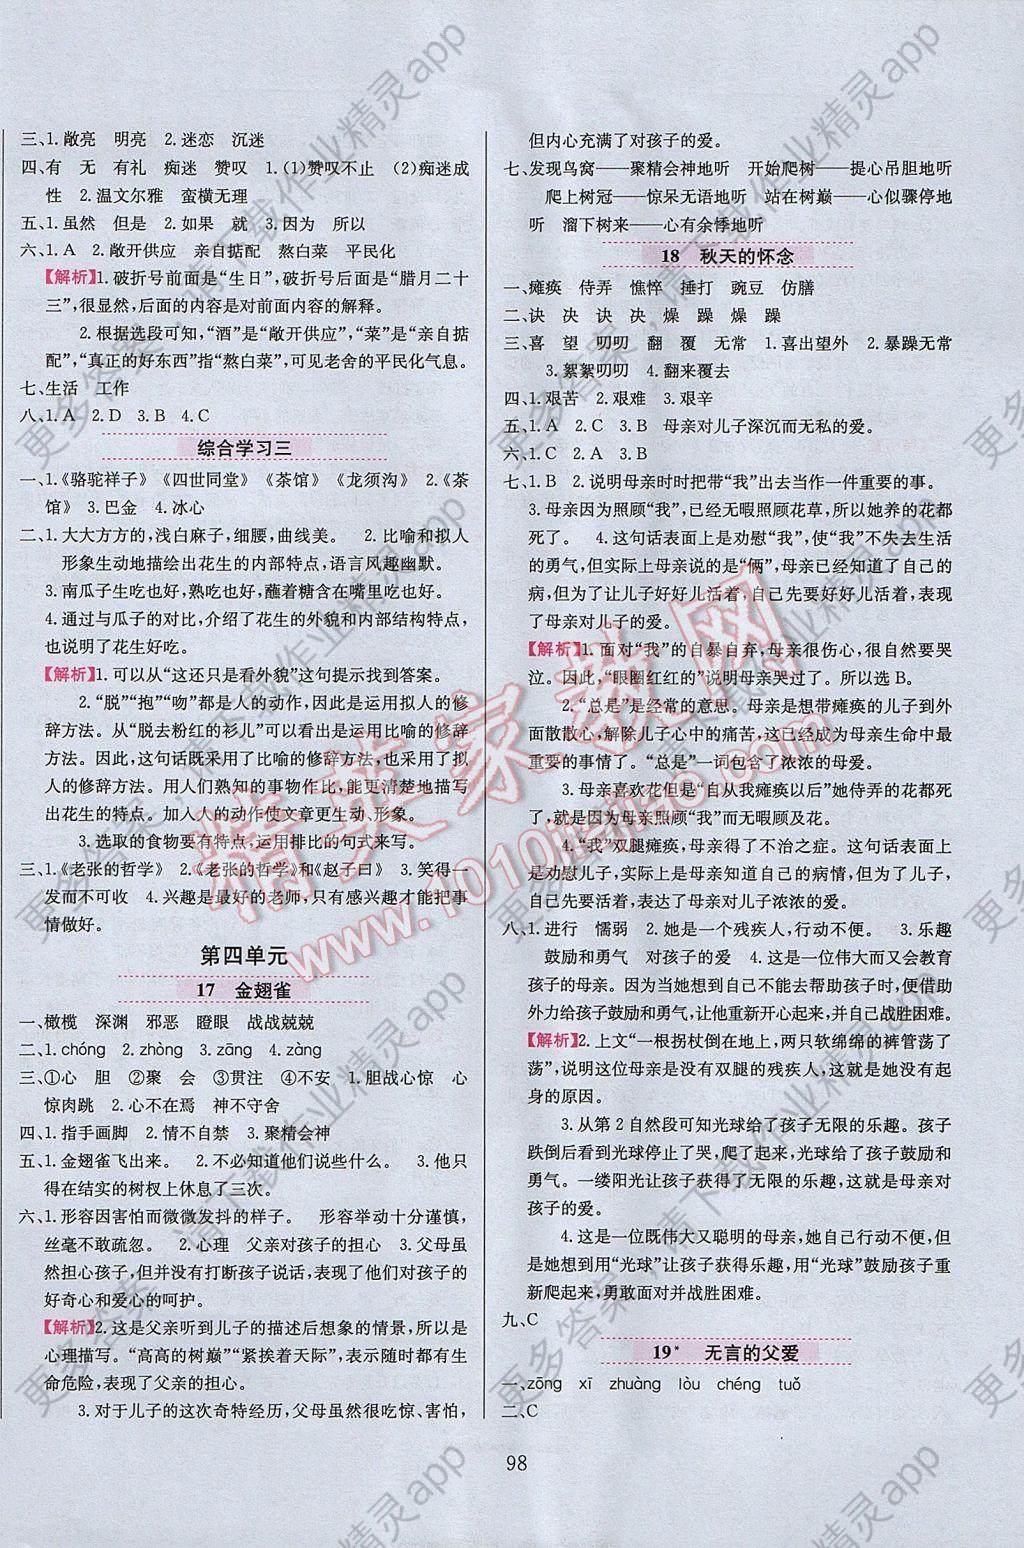 小学教材全练_2017年小学教材全练六年级语文下册冀教版